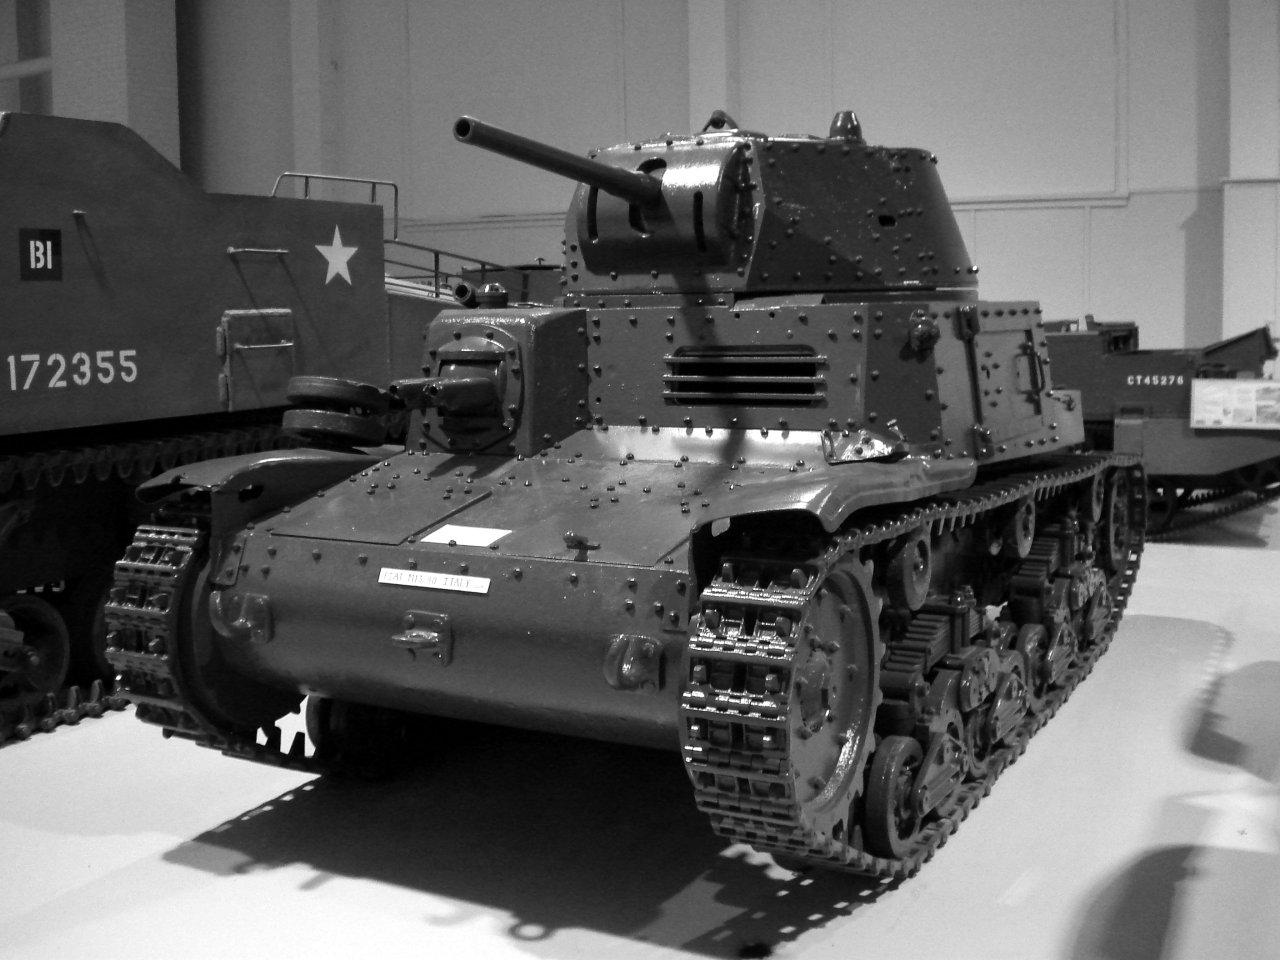 Carro ligero Italina M13/40 en el Museo Militar Base Borden. Fuente: Wikipedia.